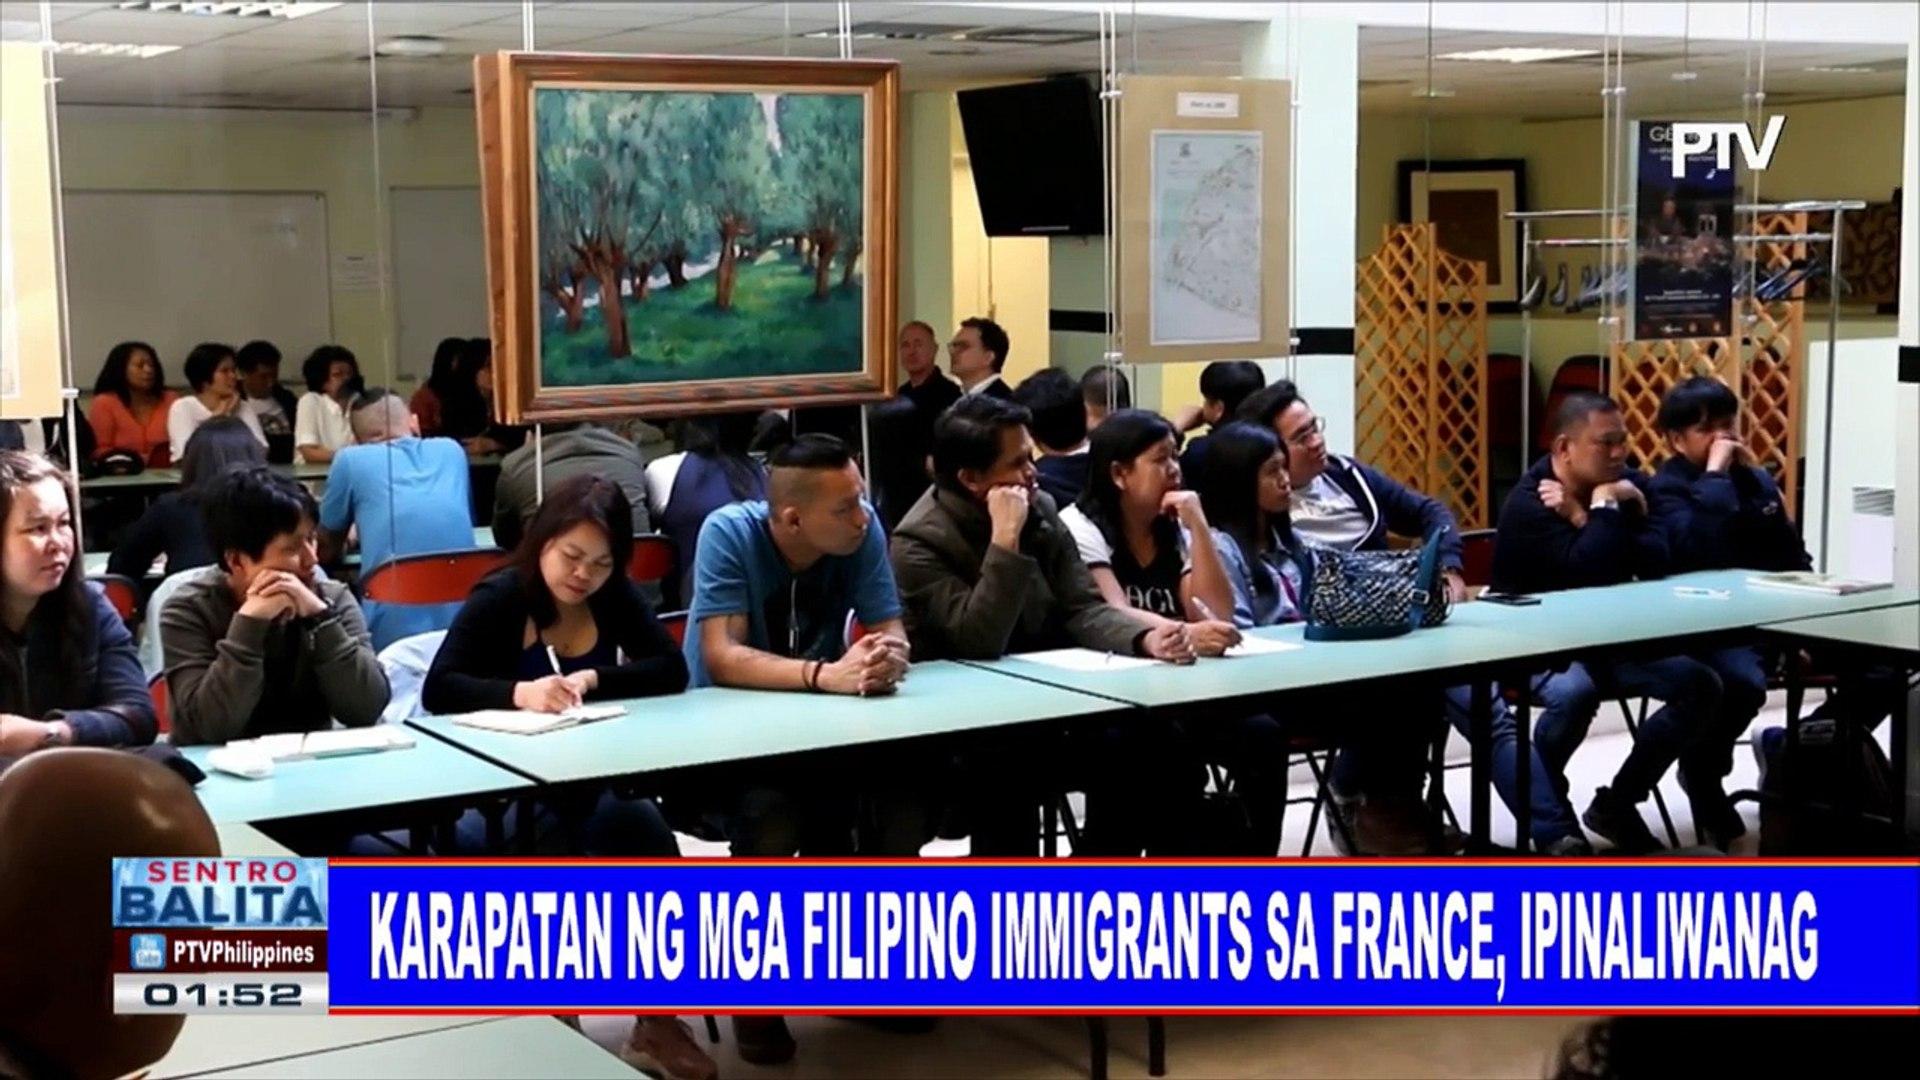 Karapatan ng mga Filipino immigrants sa France, ipinaliwanag